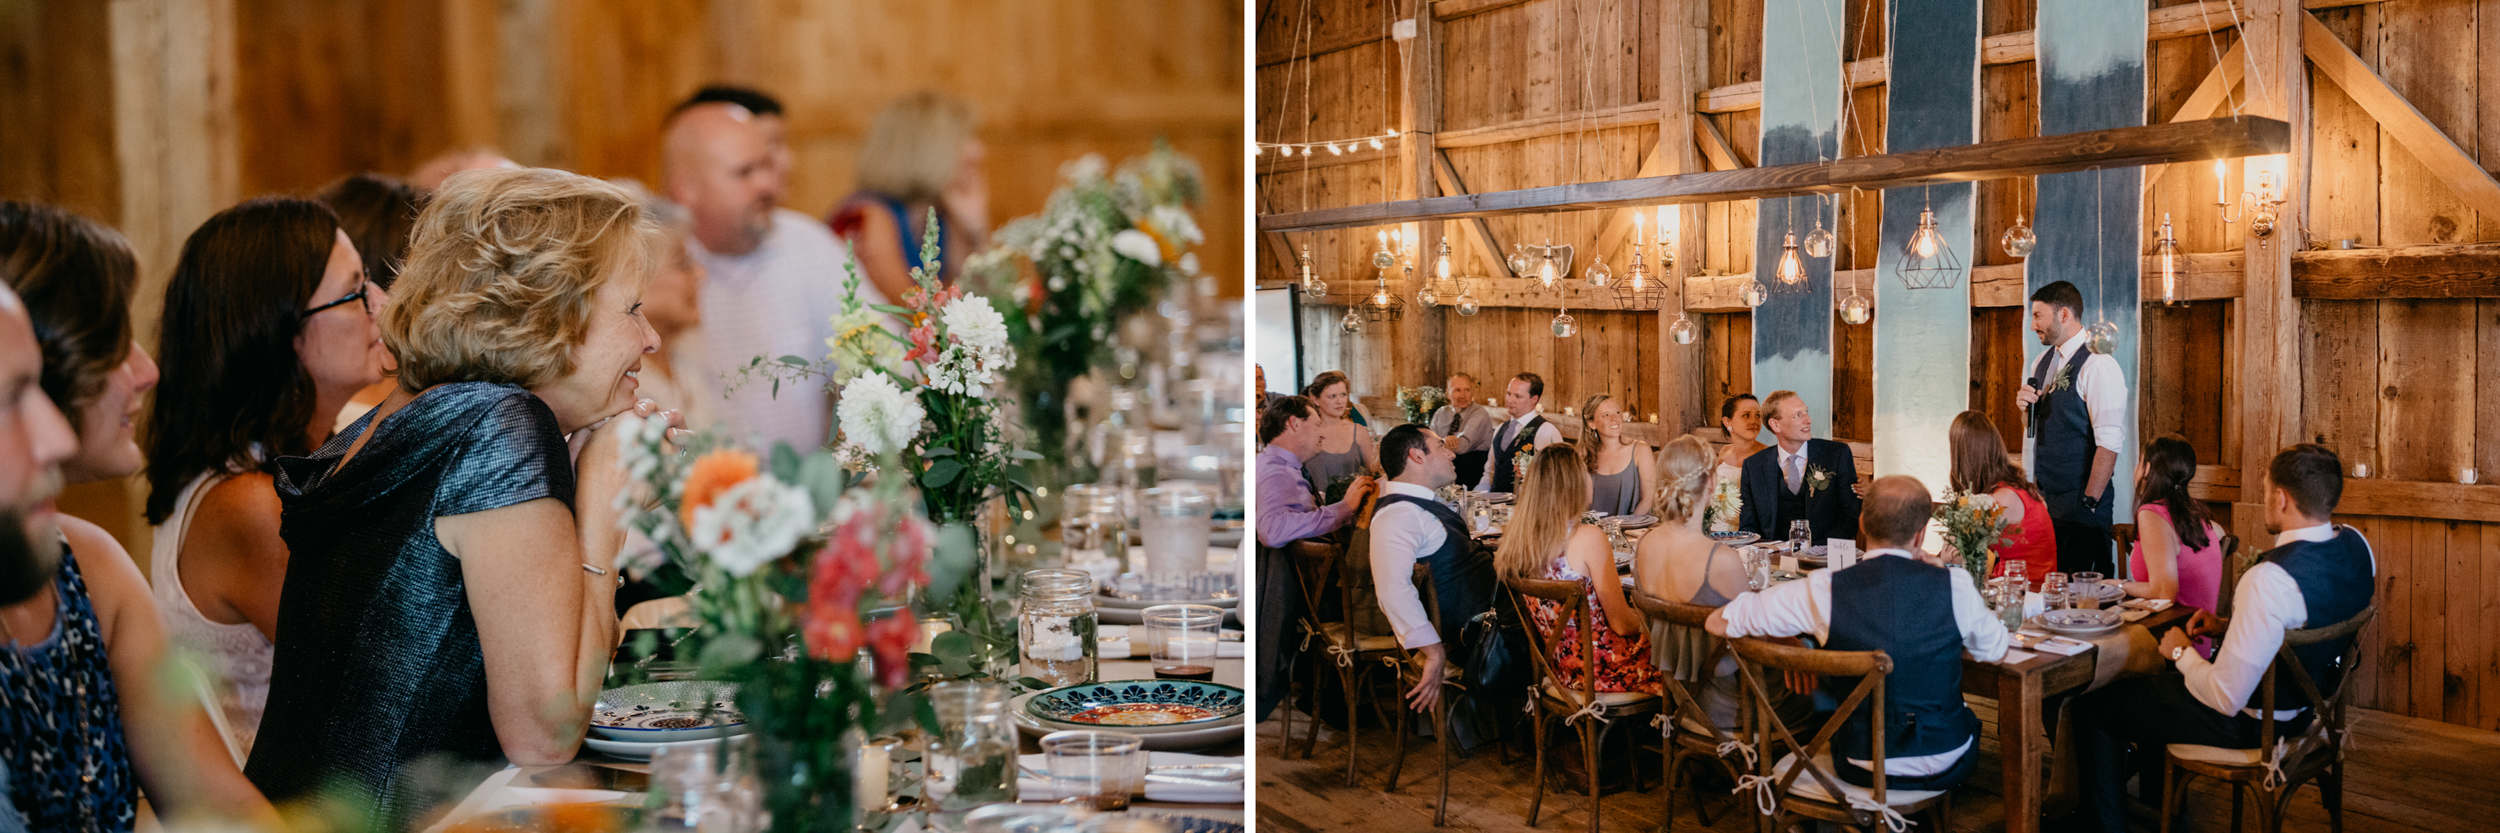 Jessie_Erik_Pownal_Maine_Wedding_William_allen_farm_044.jpg